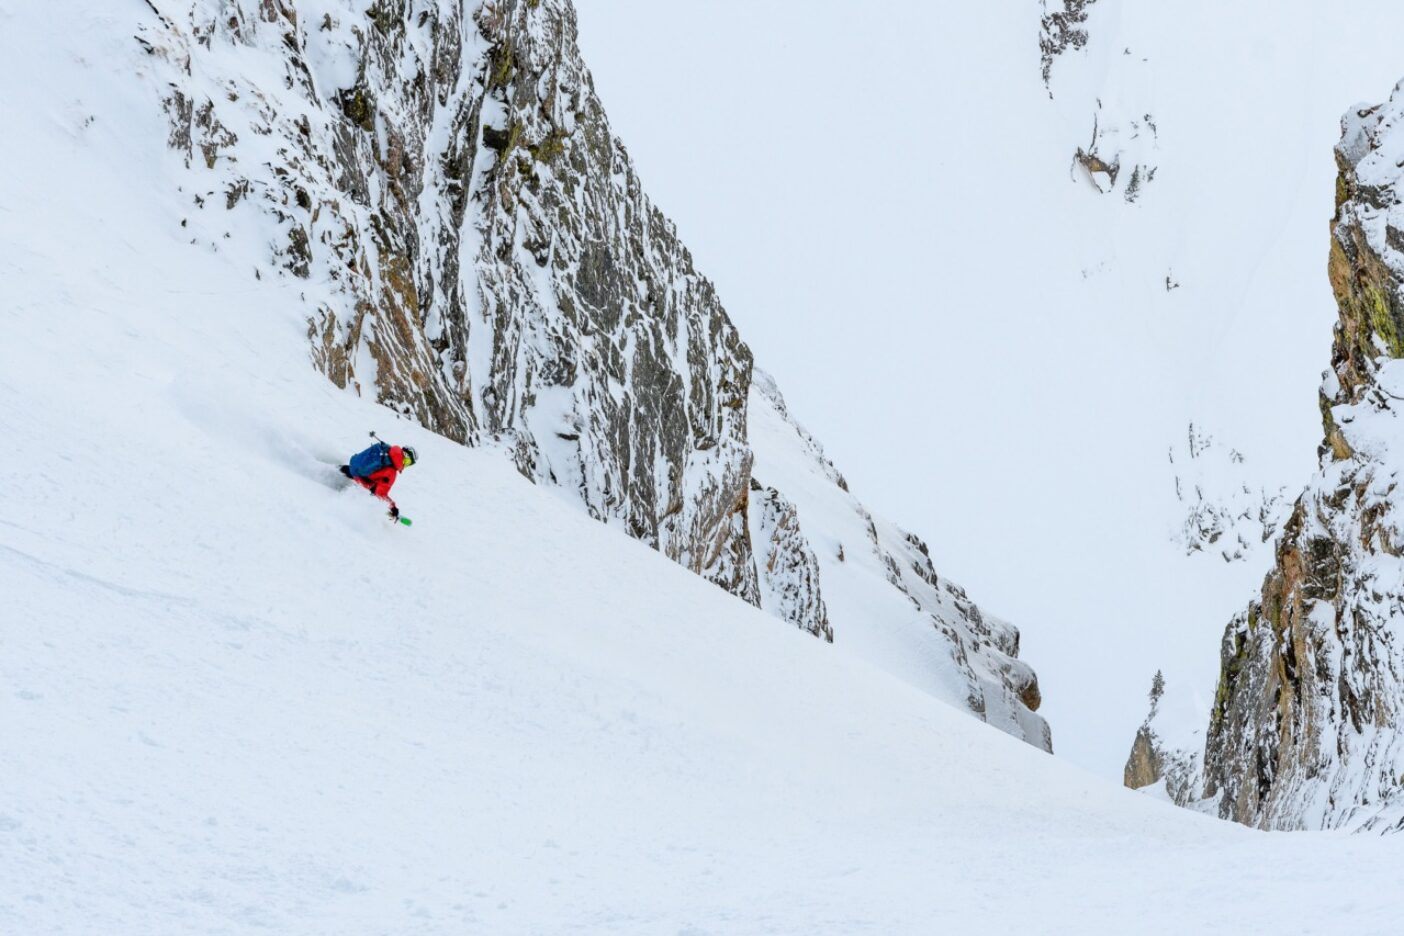 人生はグランド(壮大)だろう? 「ザ・パーク」を滑走するザハン・ビリモリア。ワイオミング州グランド・ティトン国立公園 Photo:Fredrik Marmsater